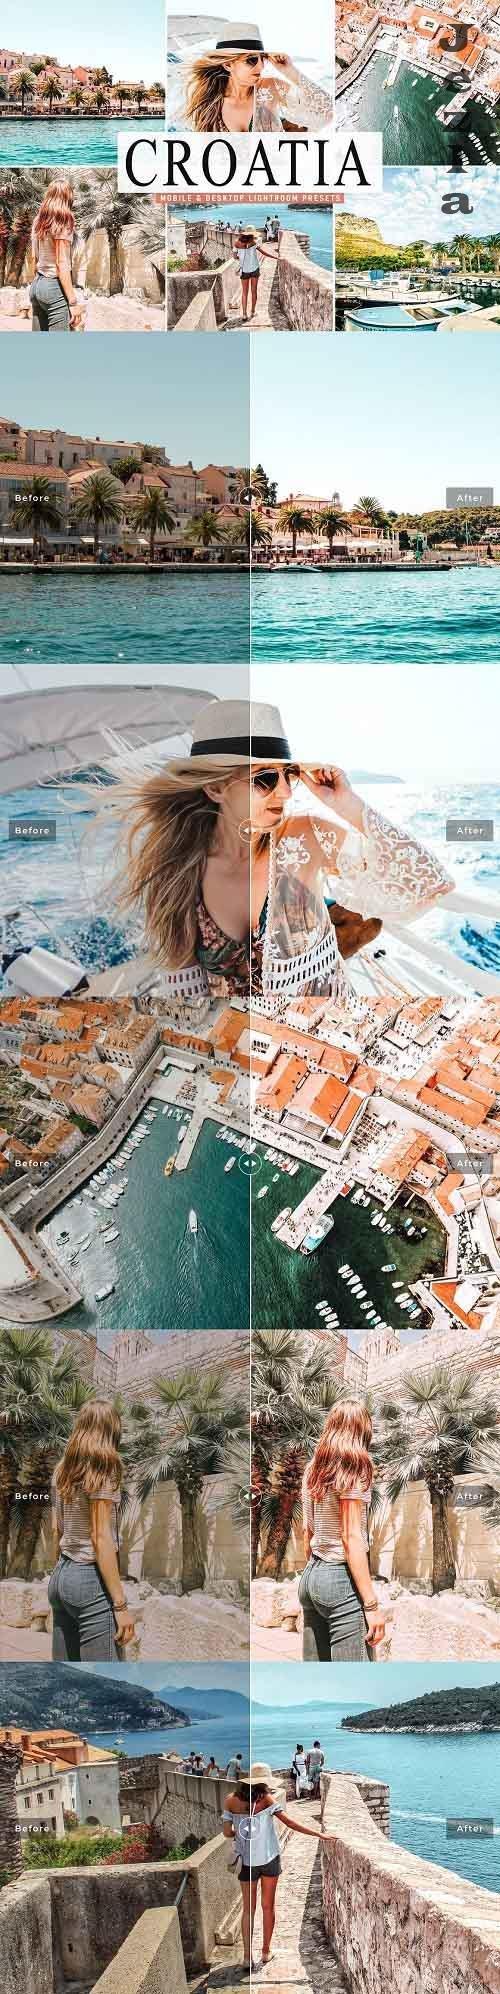 Croatia LRM Presets Pack - 5039061 - Mobile & Desktop